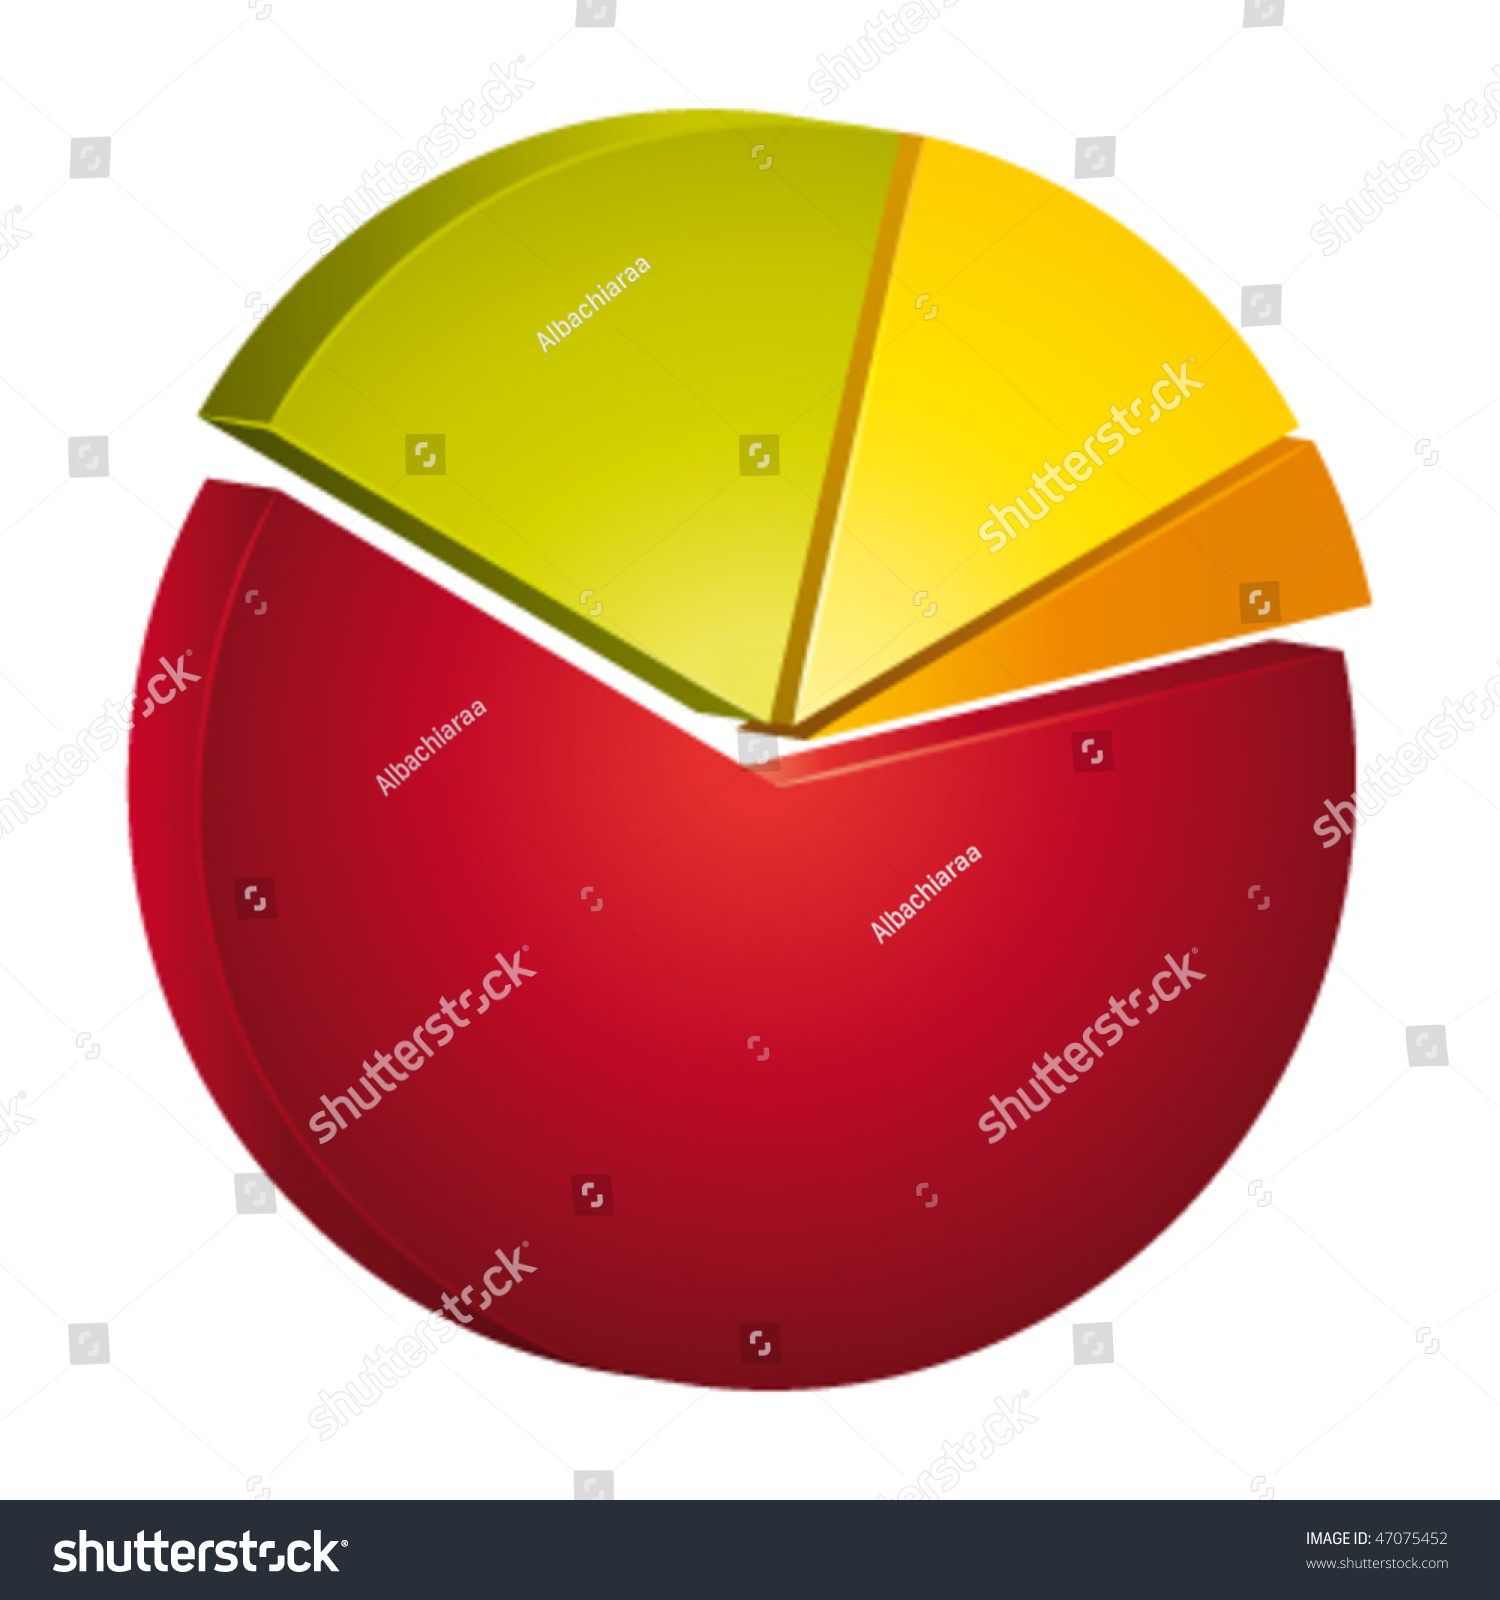 hight resolution of 3d circular diagram for statistics vector illustration